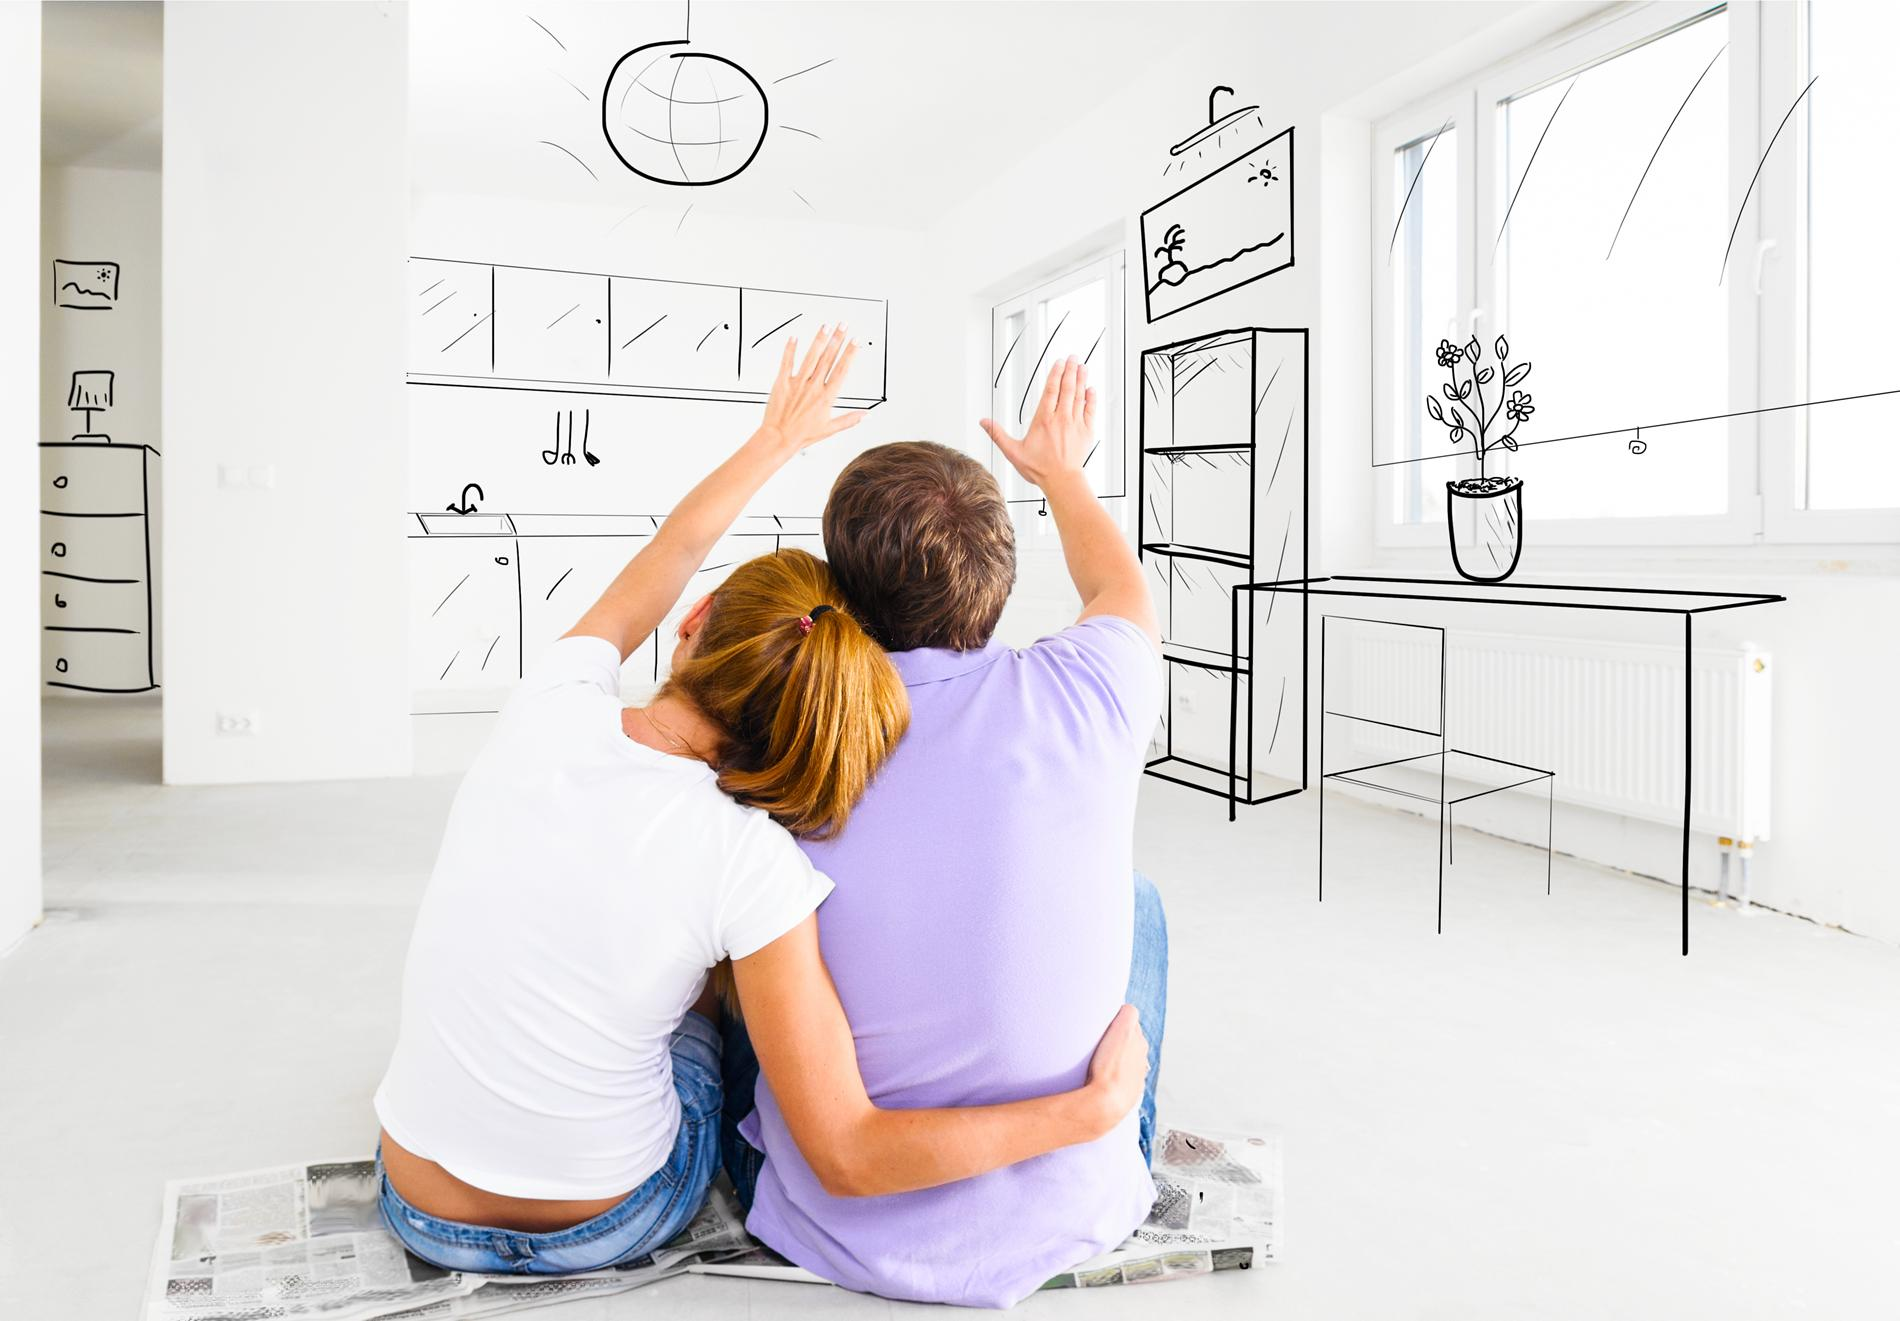 Можно ли приватизировать квартиру на несовершеннолетнего ребенка?